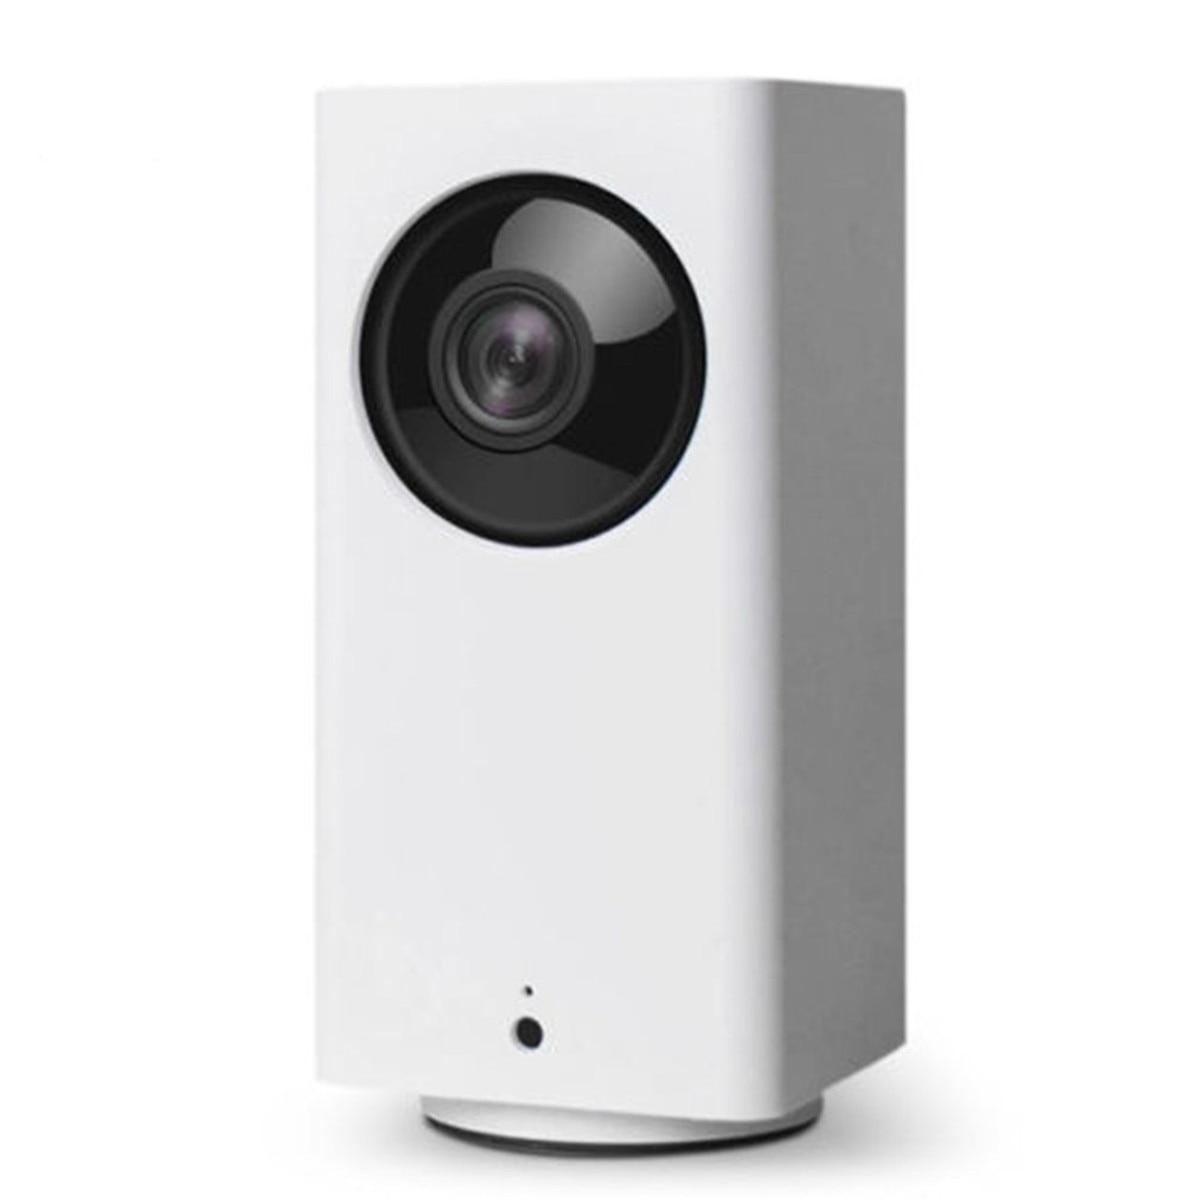 Safurance blanc Intelligent moniteur IP caméra 1080 p HD Intelligent WIFI Vision nocturne bidirectionnelle parlant pour Xiaomi Mijia pour Home Shop